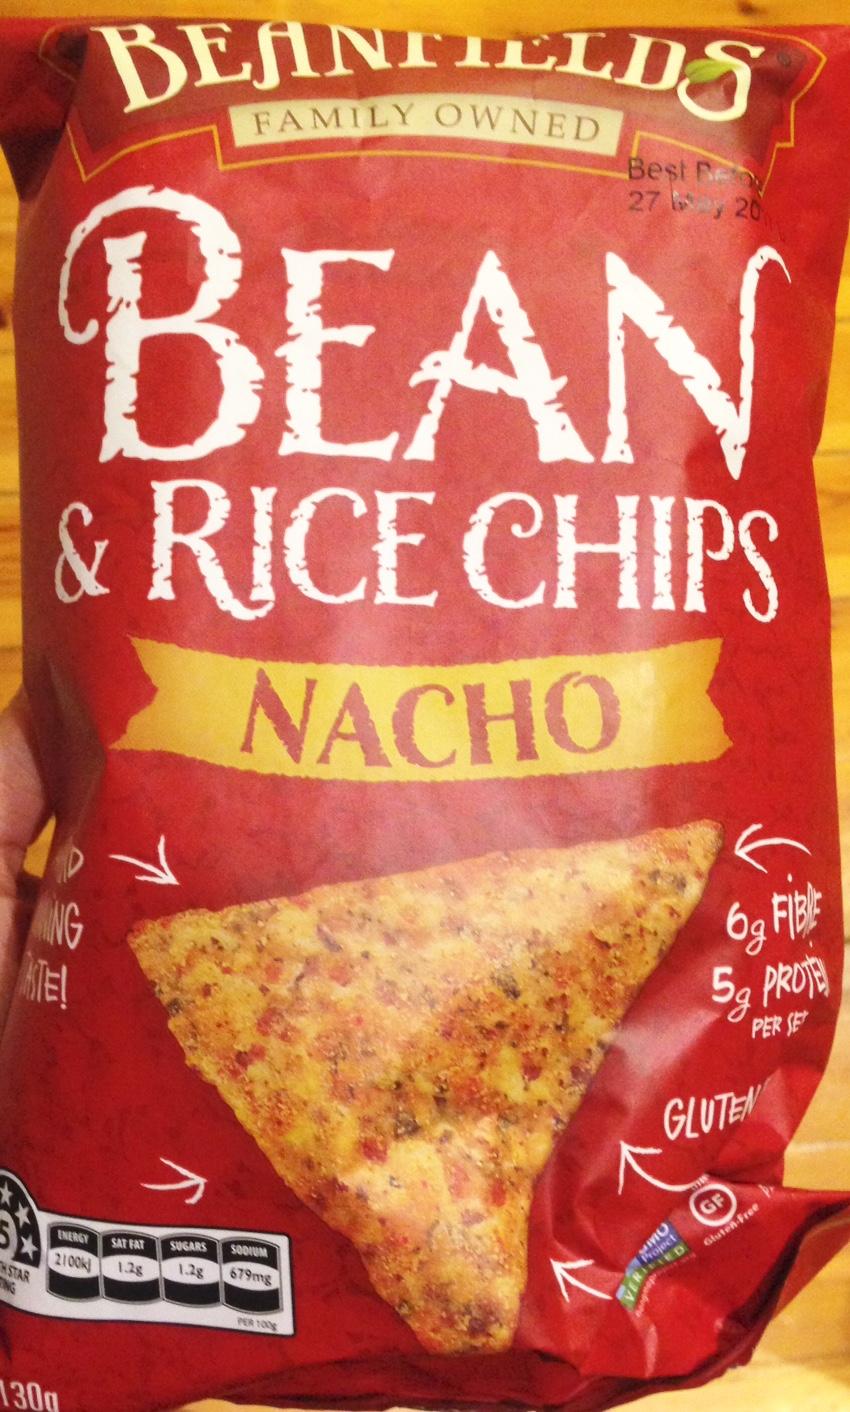 corn-chip-alternatives